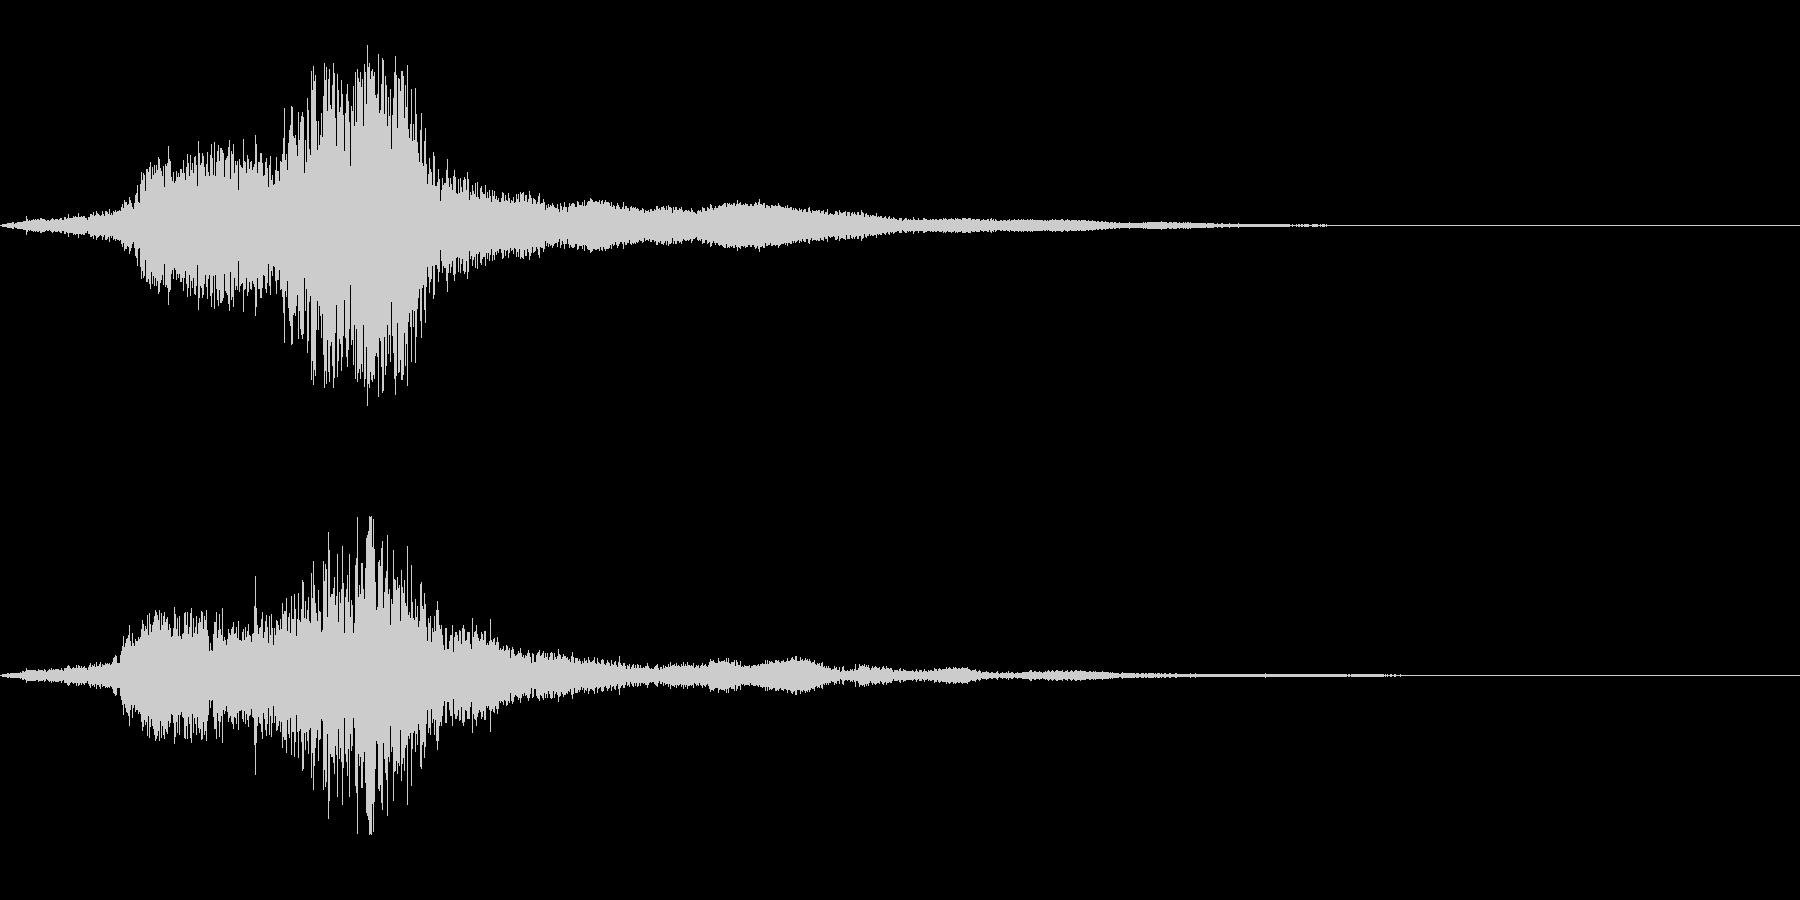 刀の素振り(シュキーン)の未再生の波形